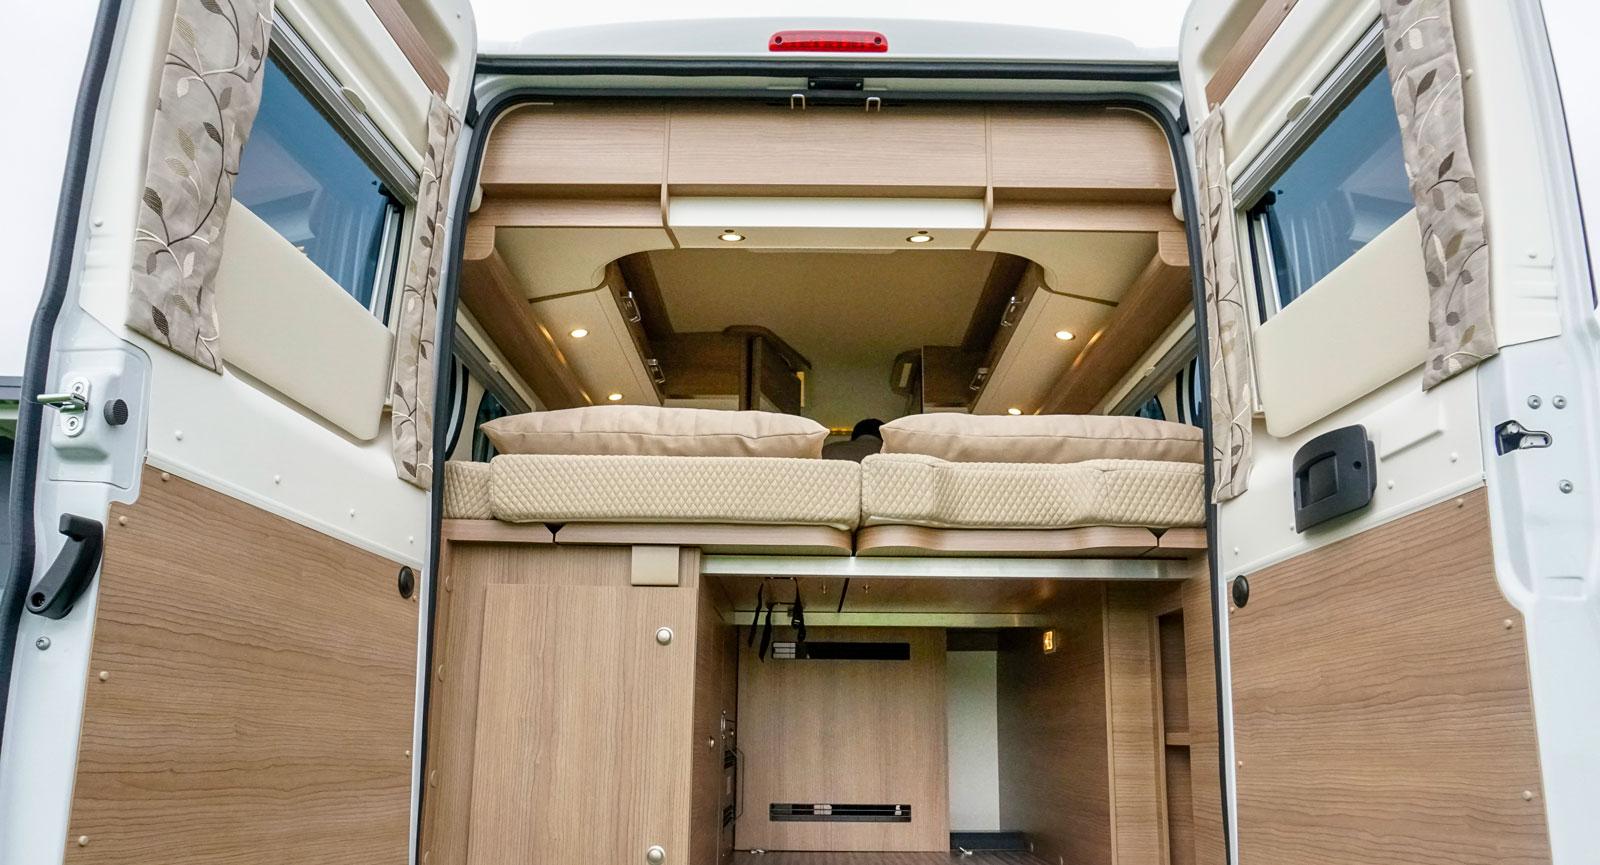 Gasolskåp till vänster och rymlig förvaring under sängen. Vattentank till höger bak.